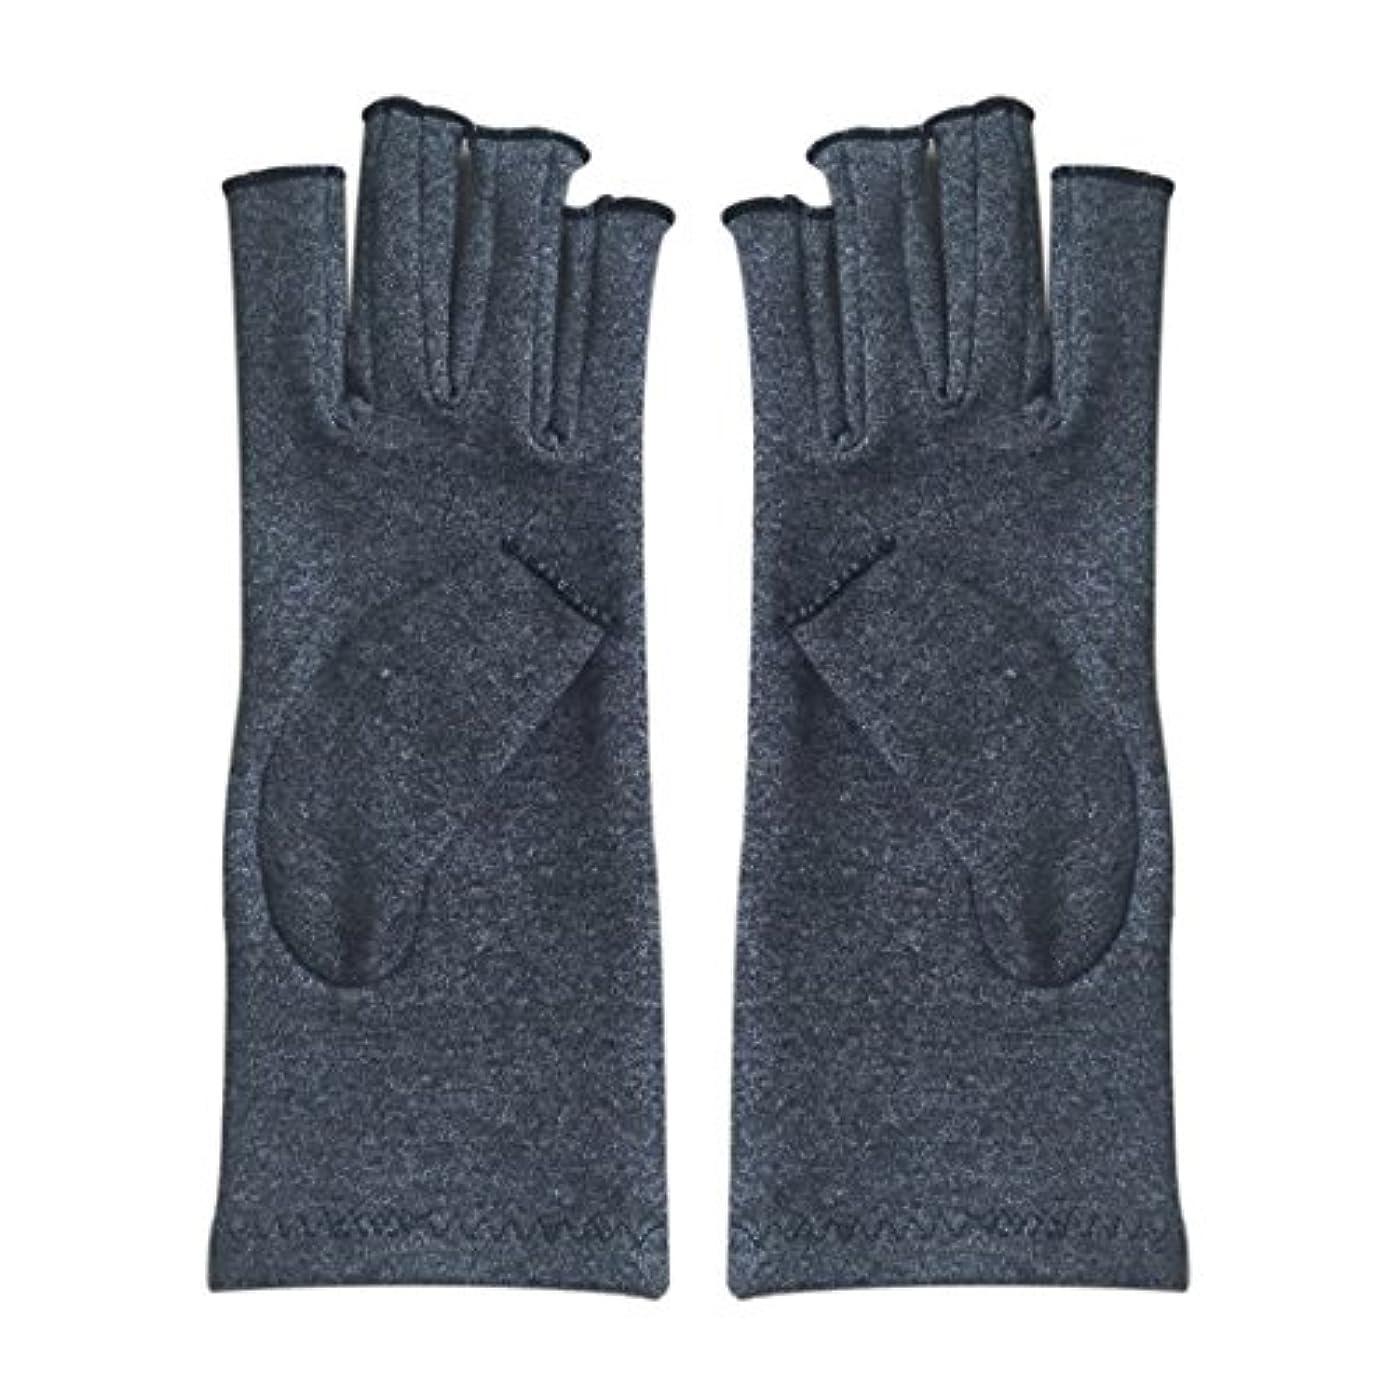 建築手術衝動Gaoominy 1ペア成人男性女性用弾性コットンコンプレッション手袋手関節炎関節痛鎮痛軽減M - 灰色、M